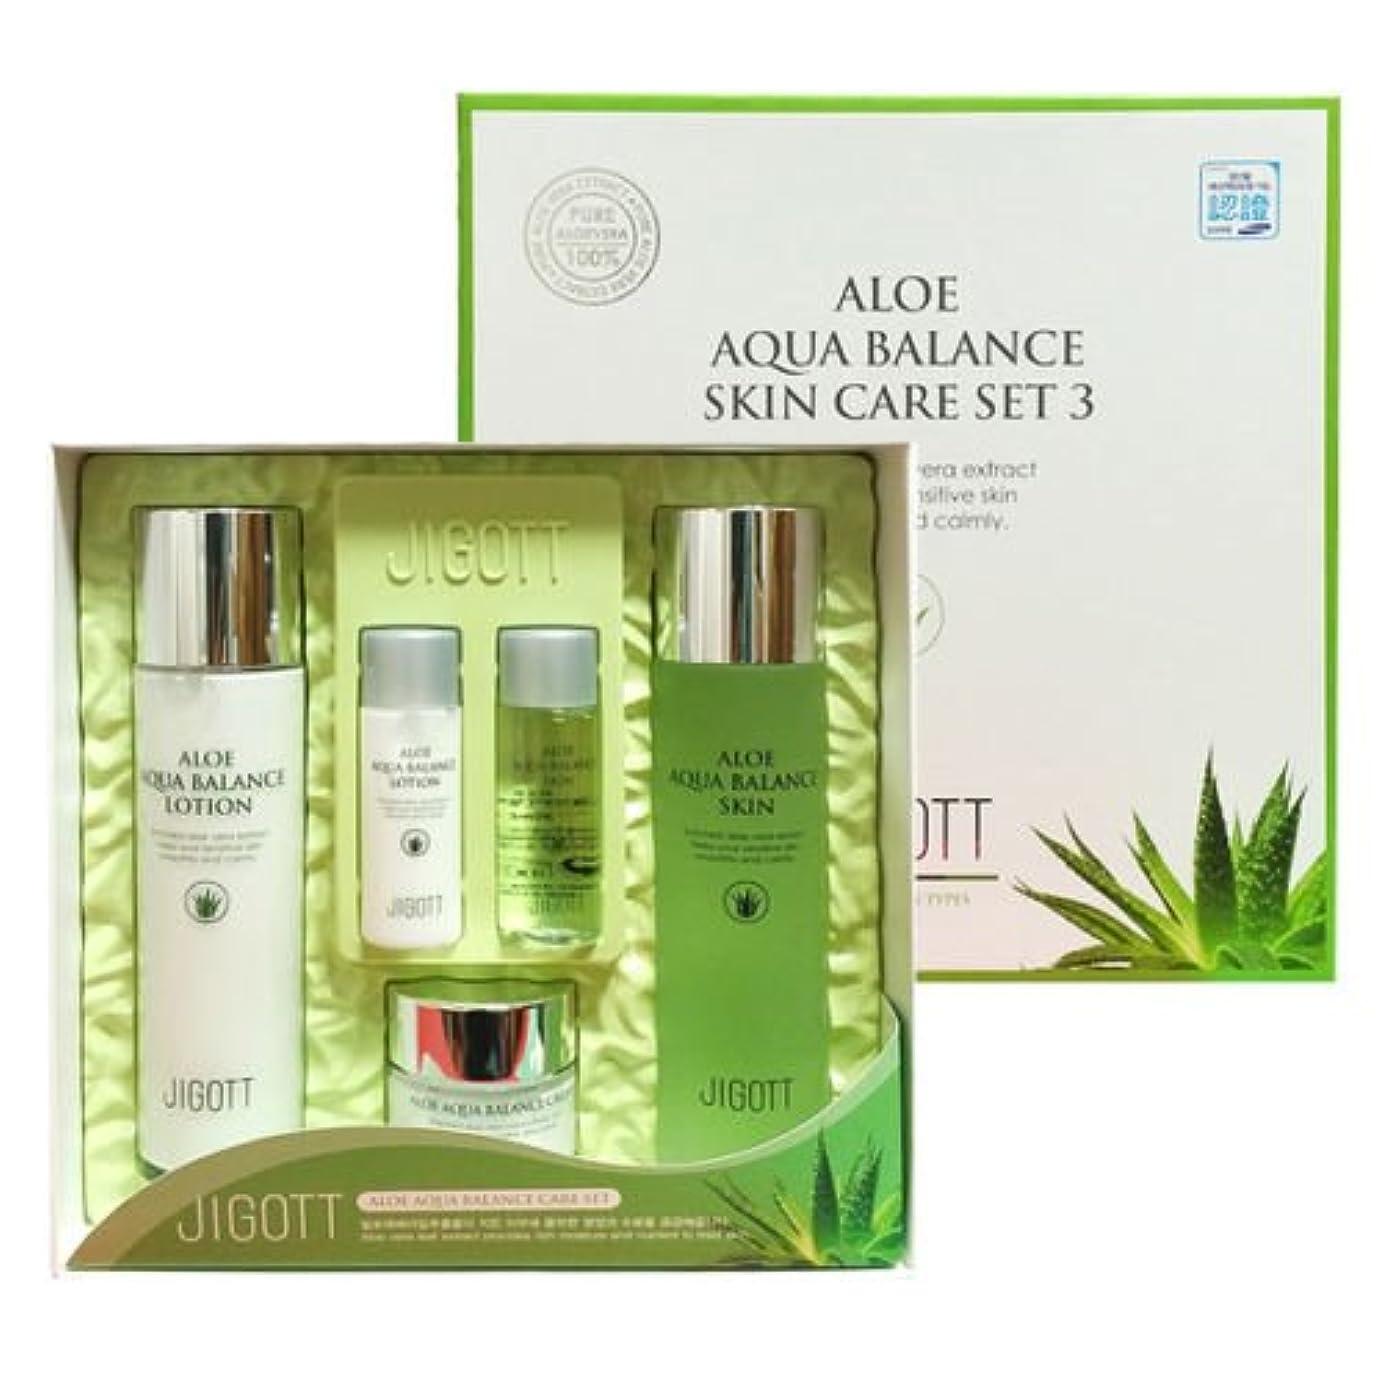 同性愛者うまお勧めジゴトゥ[韓国コスメJigott]Aloe Aqua Balance Skin Care 3 Set アロエアクアバランススキンケア3セット樹液,乳液,クリーム [並行輸入品]